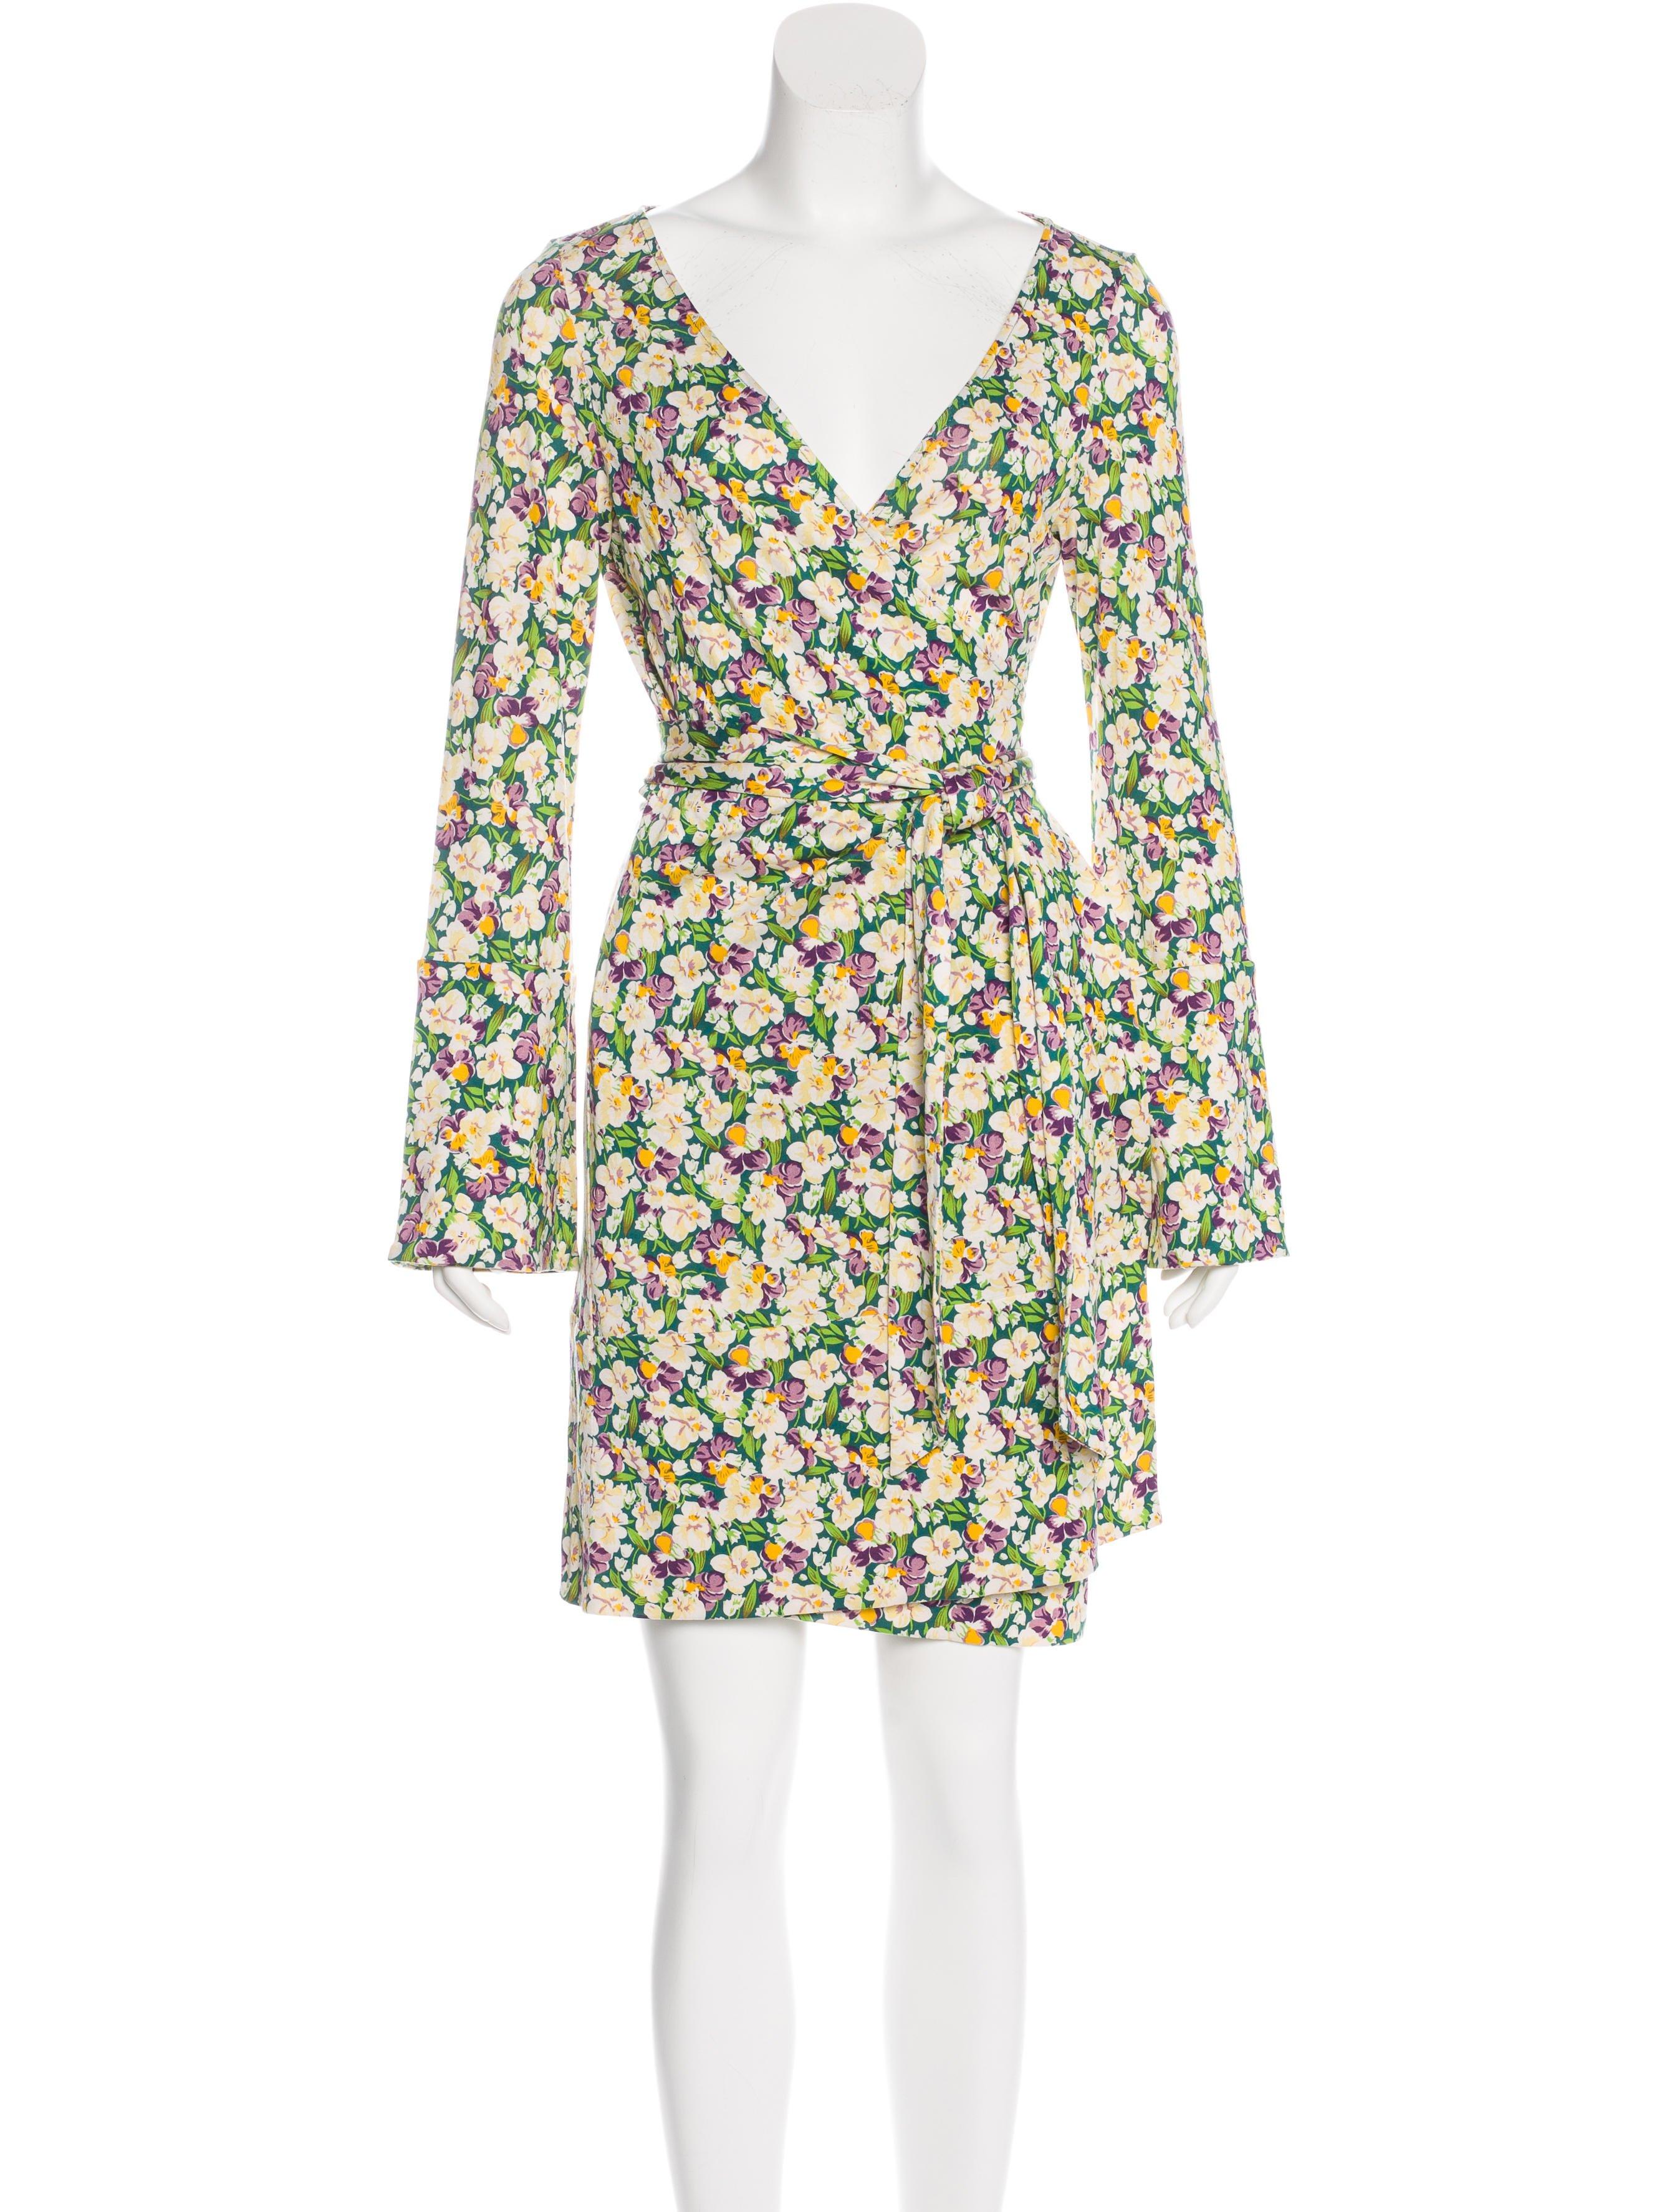 Diane von furstenberg greer silk dress clothing for Diane von furstenberg shirt